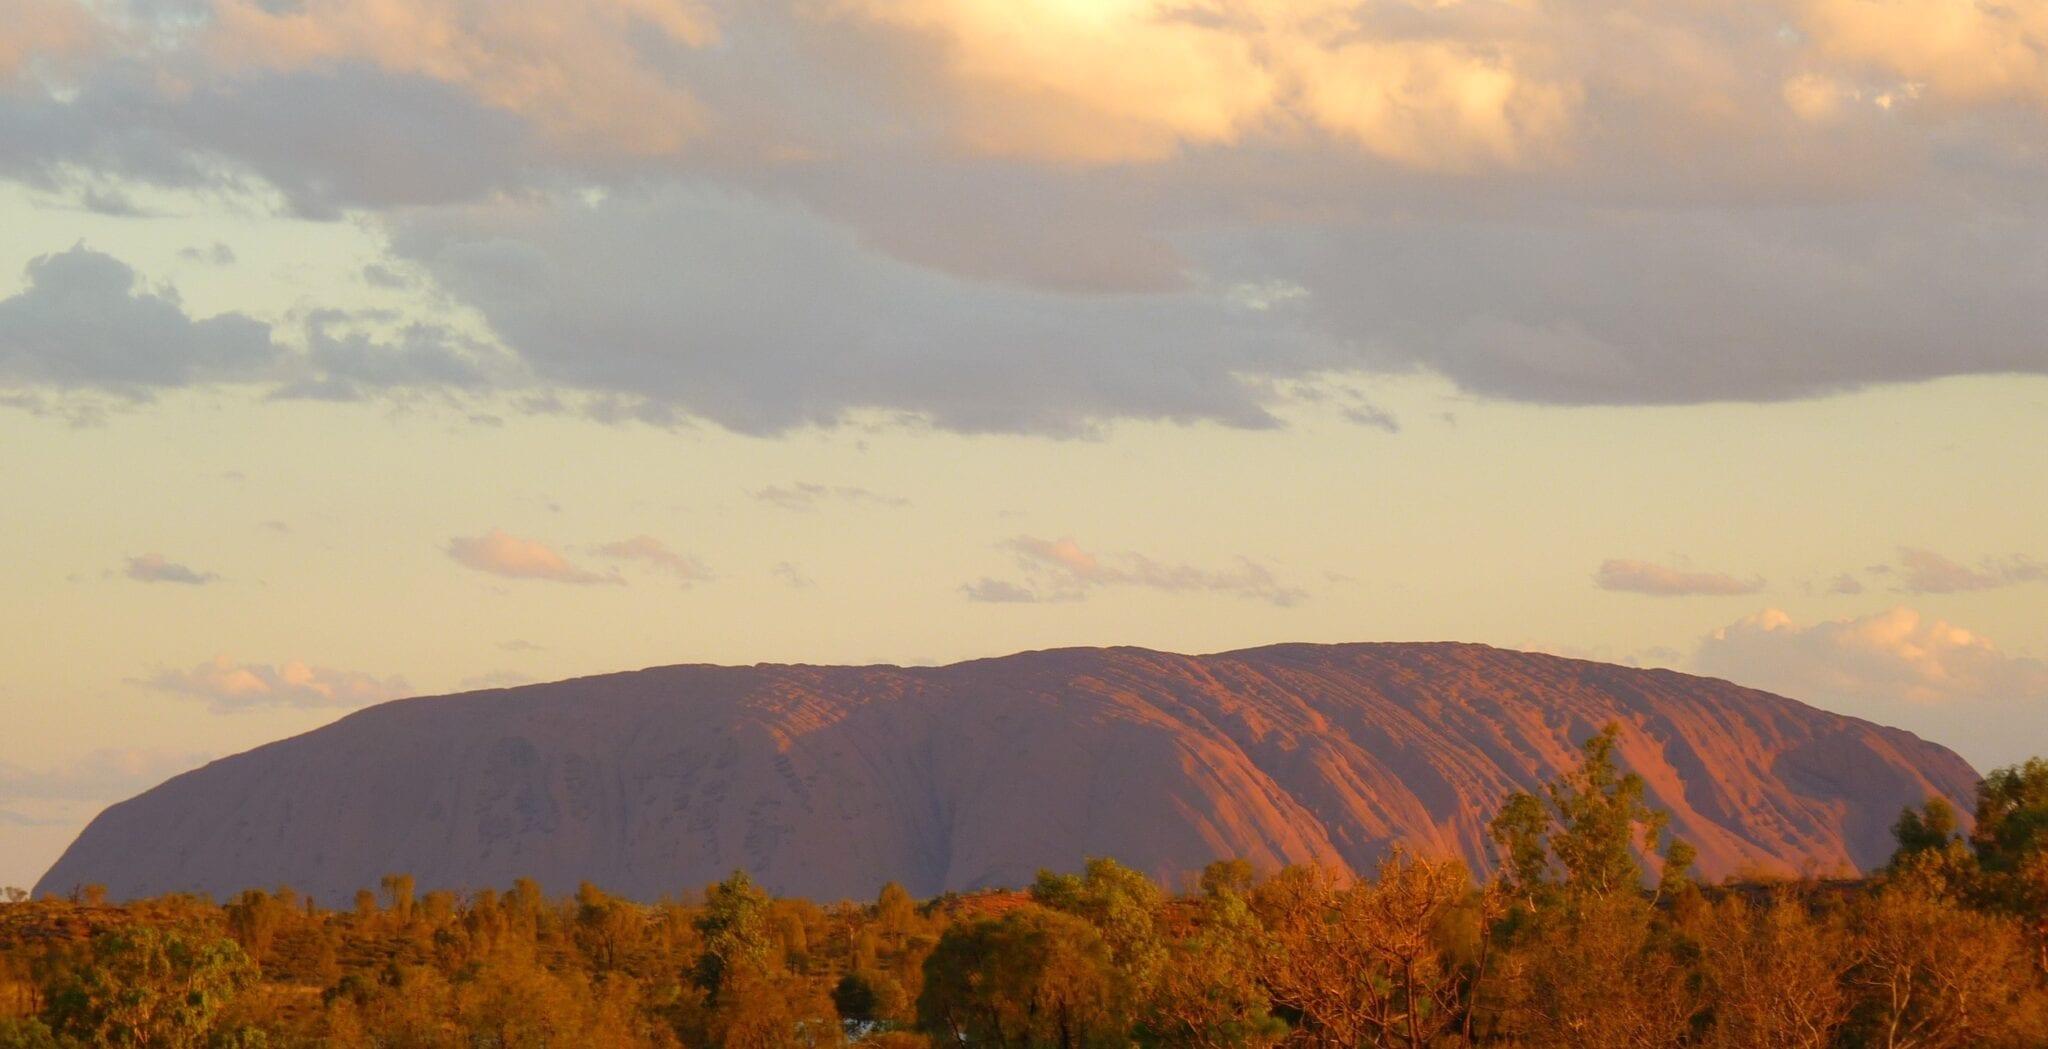 Uluru in the late afternoon light. What Is Uluru?